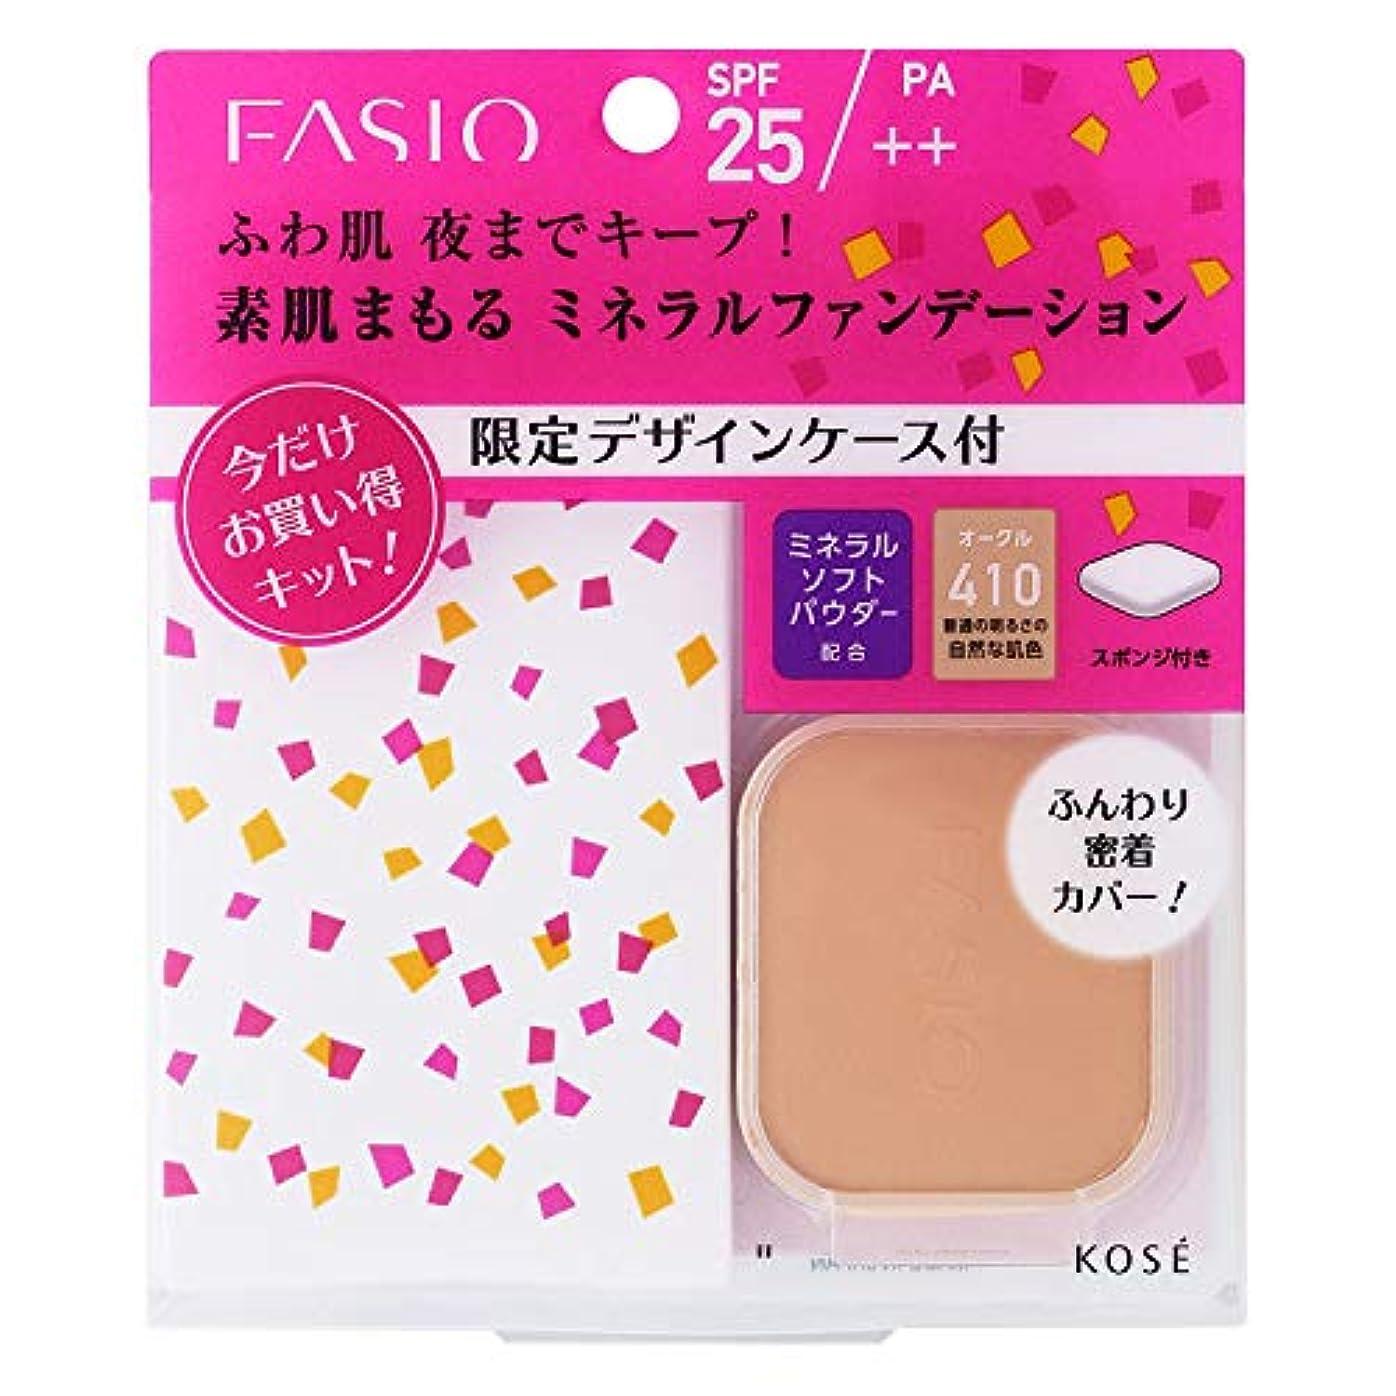 タンパク質額情熱的ファシオ ミネラル ファンデーション キット 2 410 オークル 普通の明るさの自然な肌色 9g